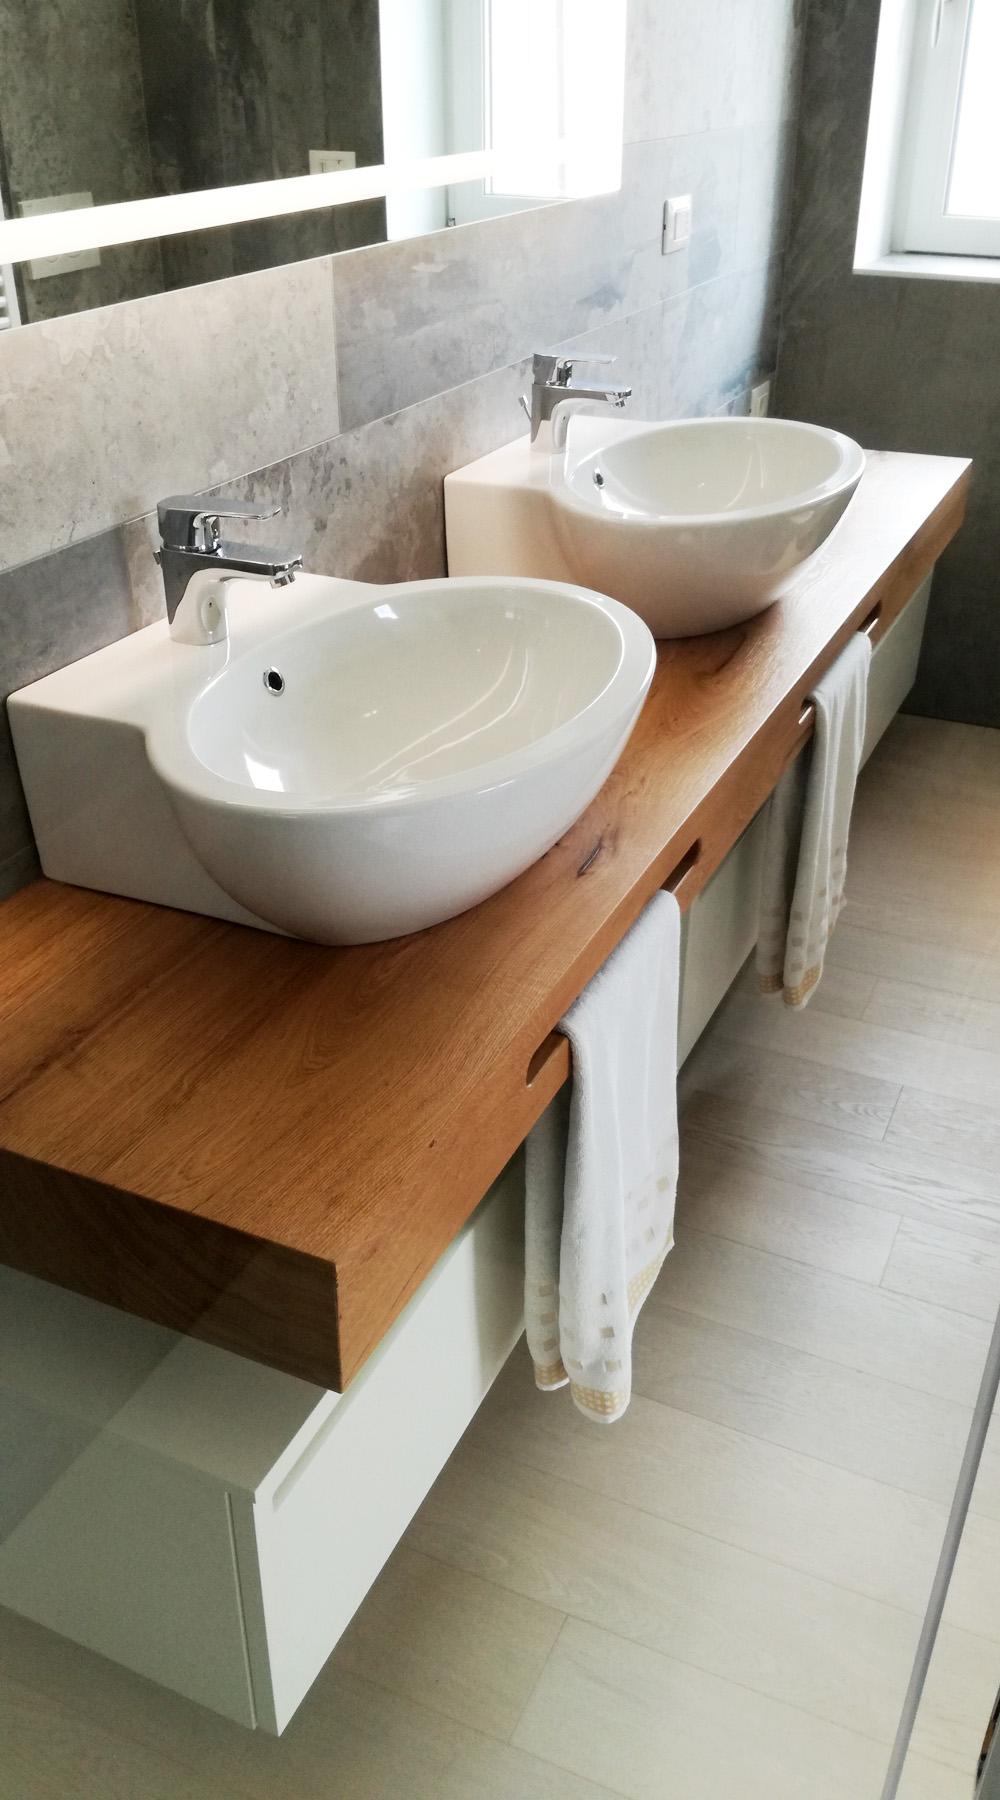 Mobile bagno doppio lavabo con mensola in legno for Lavabo con mobile